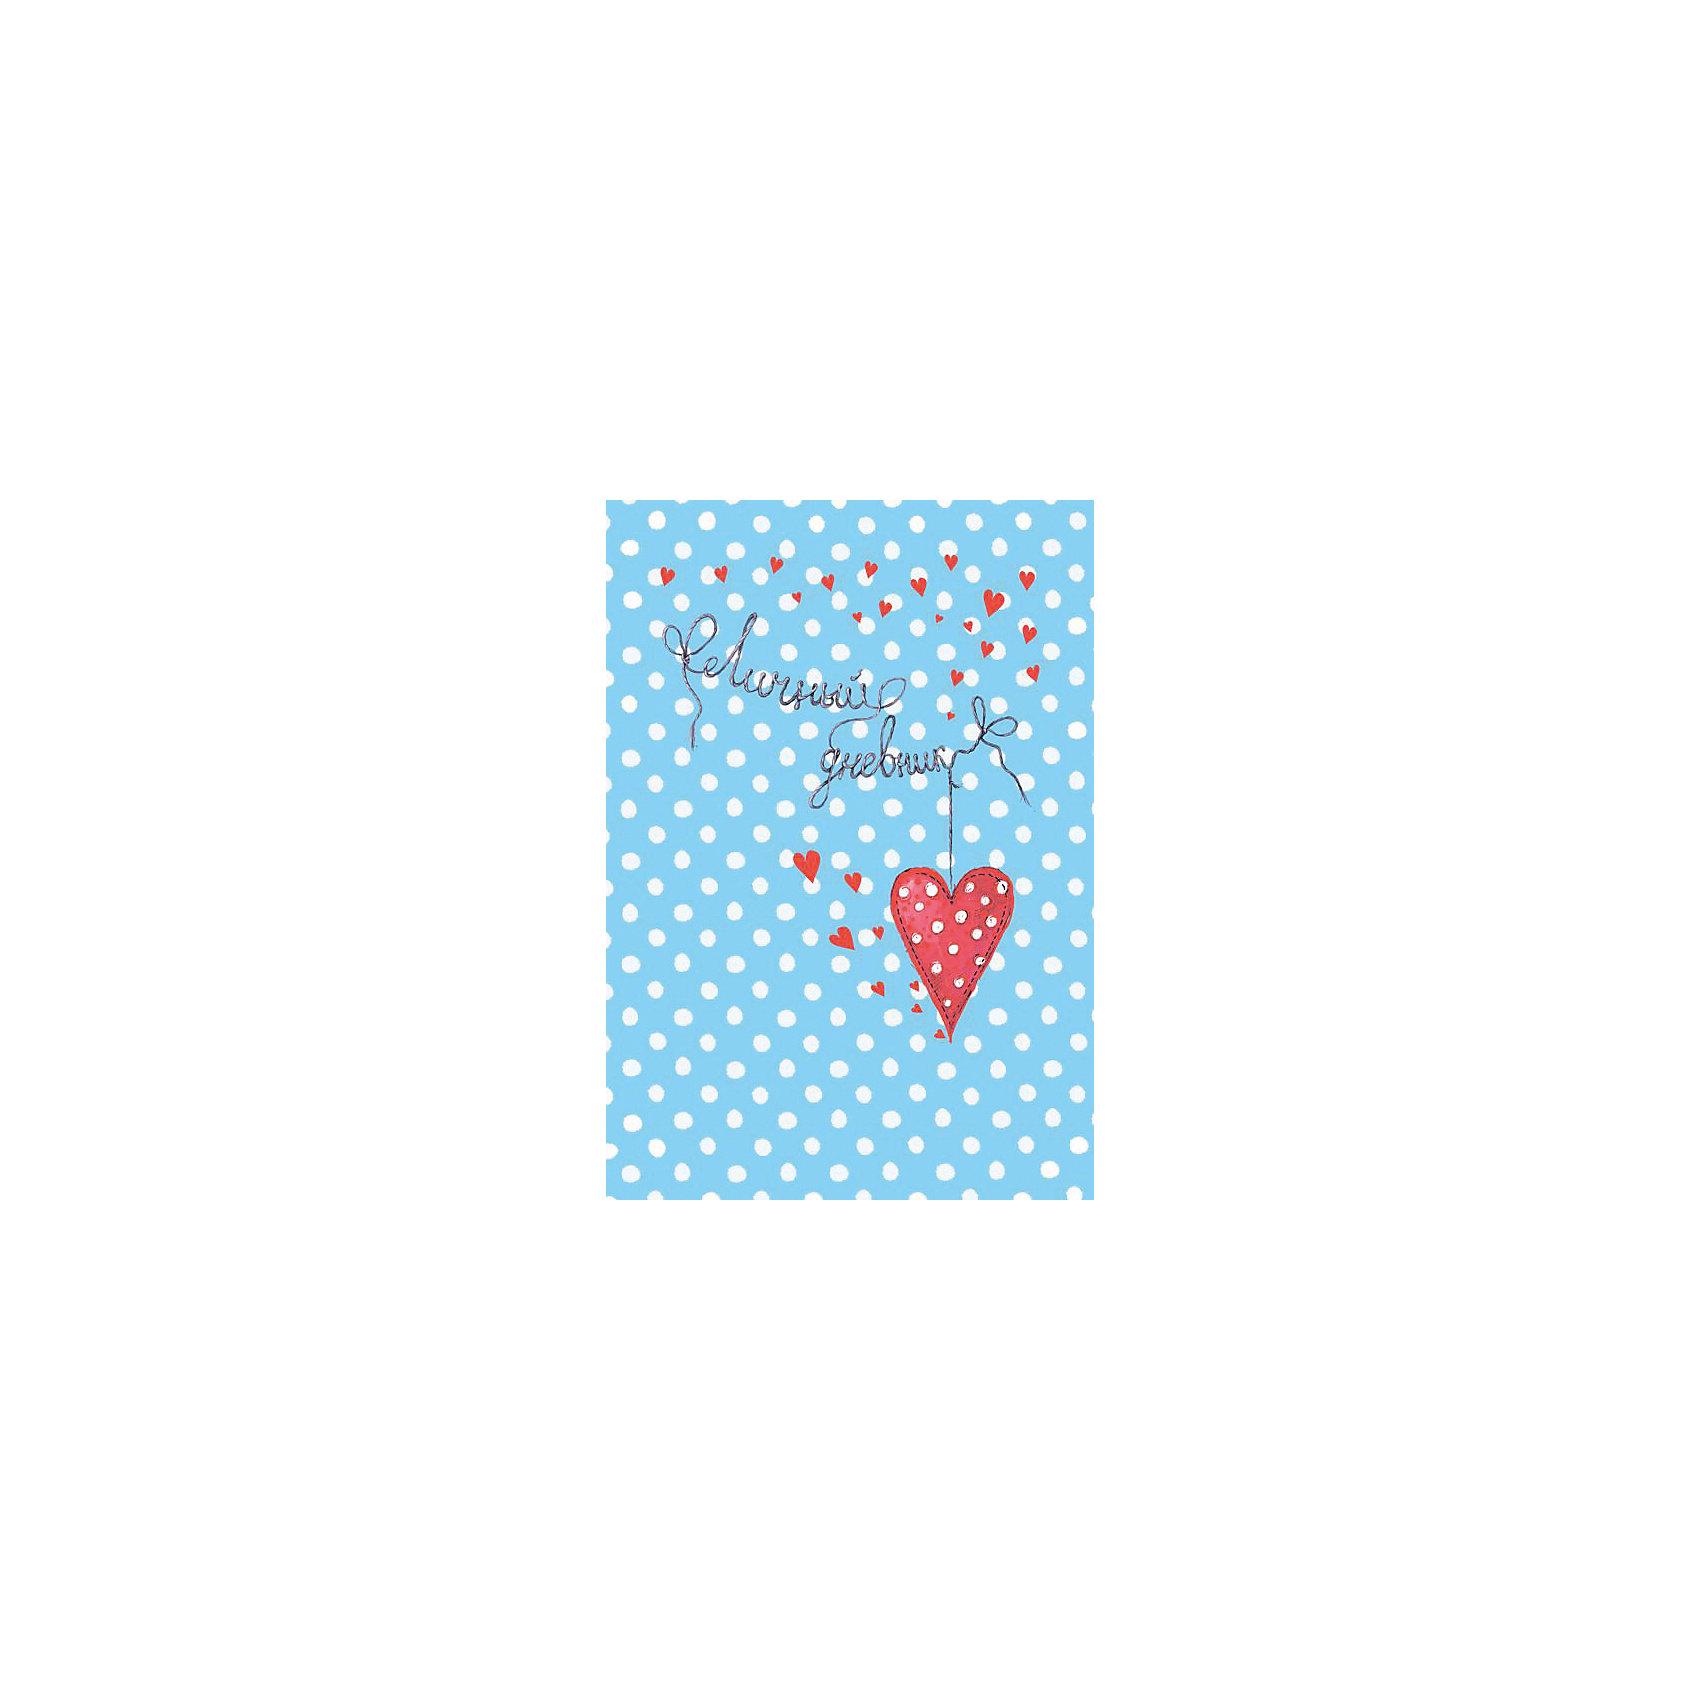 Личный дневник Красные сердечки  Феникс+Бумажная продукция<br>Личный дневник КРАСНЫЕ СЕРДЕЧКИ /А6+. Обложка 7БЦ  полноцвет + цв. фольга. Блок - офсет (1+1 пантон), 192 страницы/<br><br>Ширина мм: 172<br>Глубина мм: 122<br>Высота мм: 10<br>Вес г: 194<br>Возраст от месяцев: 72<br>Возраст до месяцев: 2147483647<br>Пол: Унисекс<br>Возраст: Детский<br>SKU: 7046233